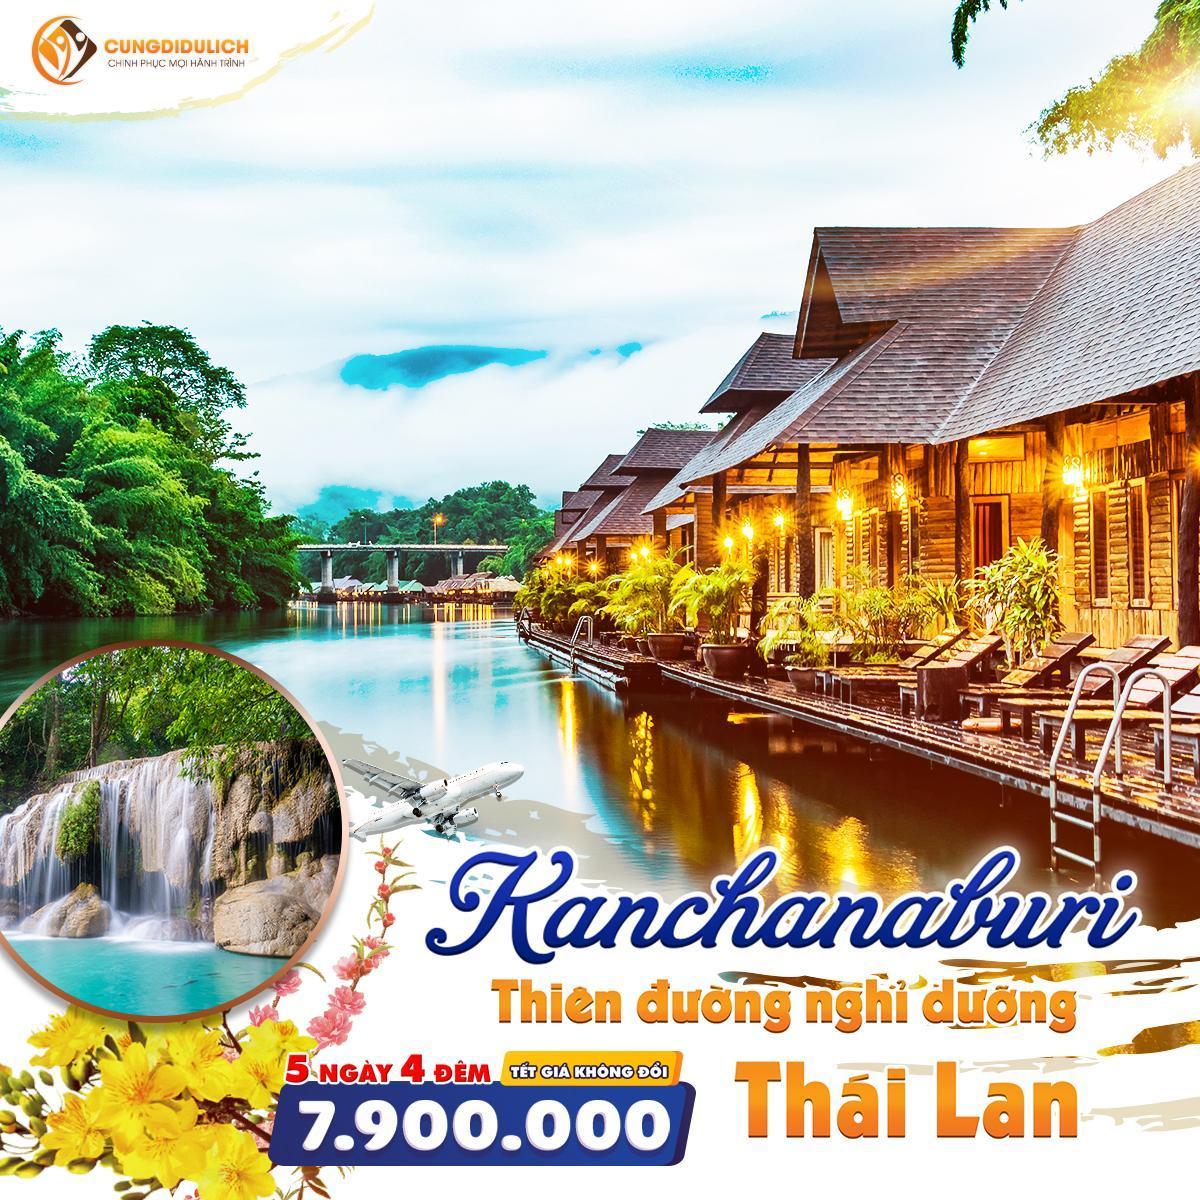 Tour Du Lịch Thái Lan BANGKOK - KANCHANABURI 5N4D MỚI LẠ NHẤT 2020